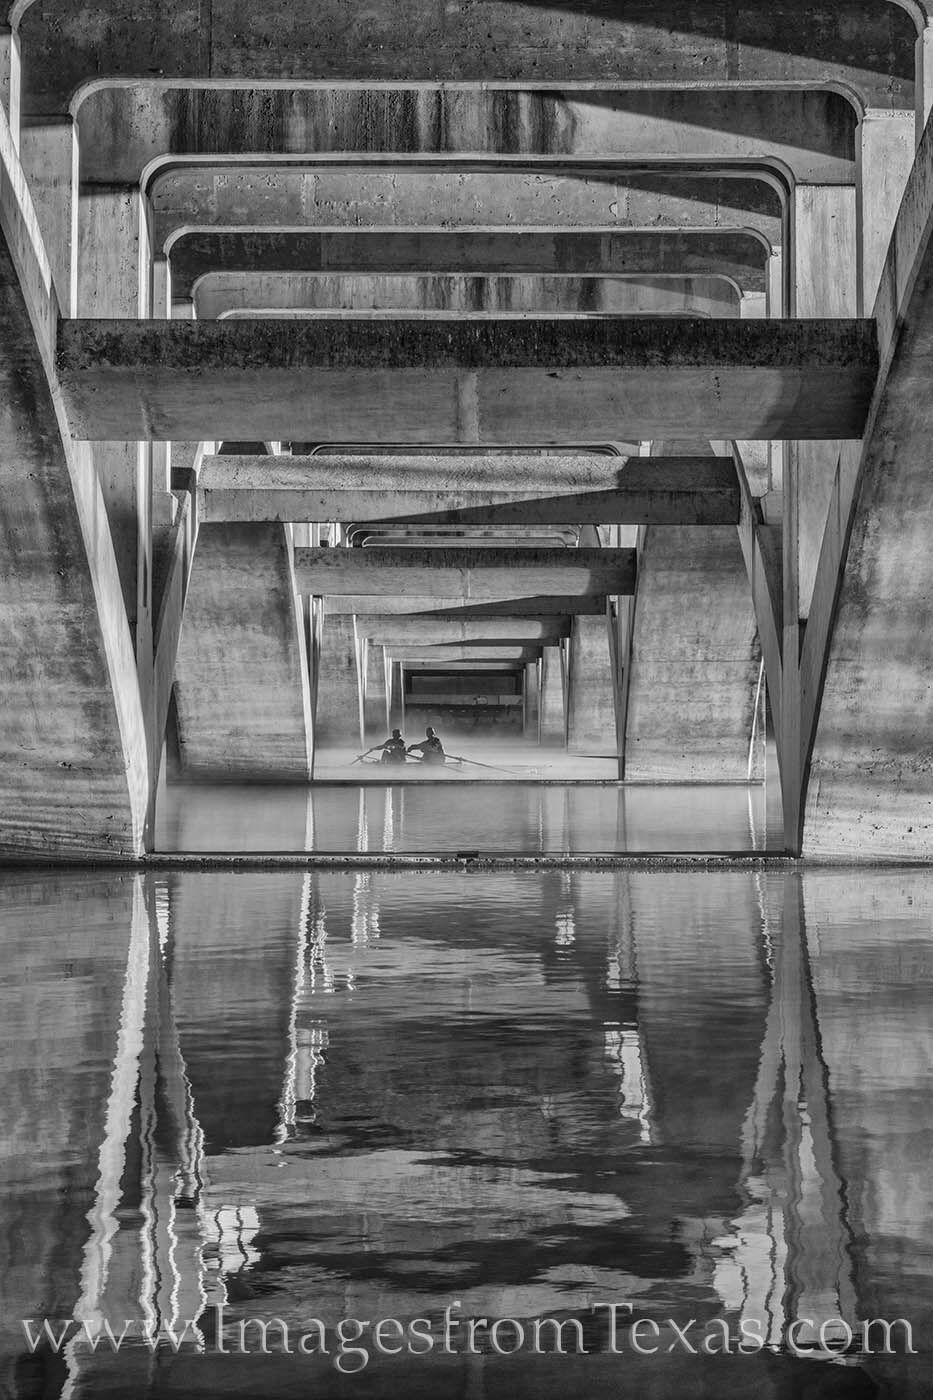 austin texas,lady bird lake,black and white,sculling,scullers,rowers,austin texas images,austin photos, photo